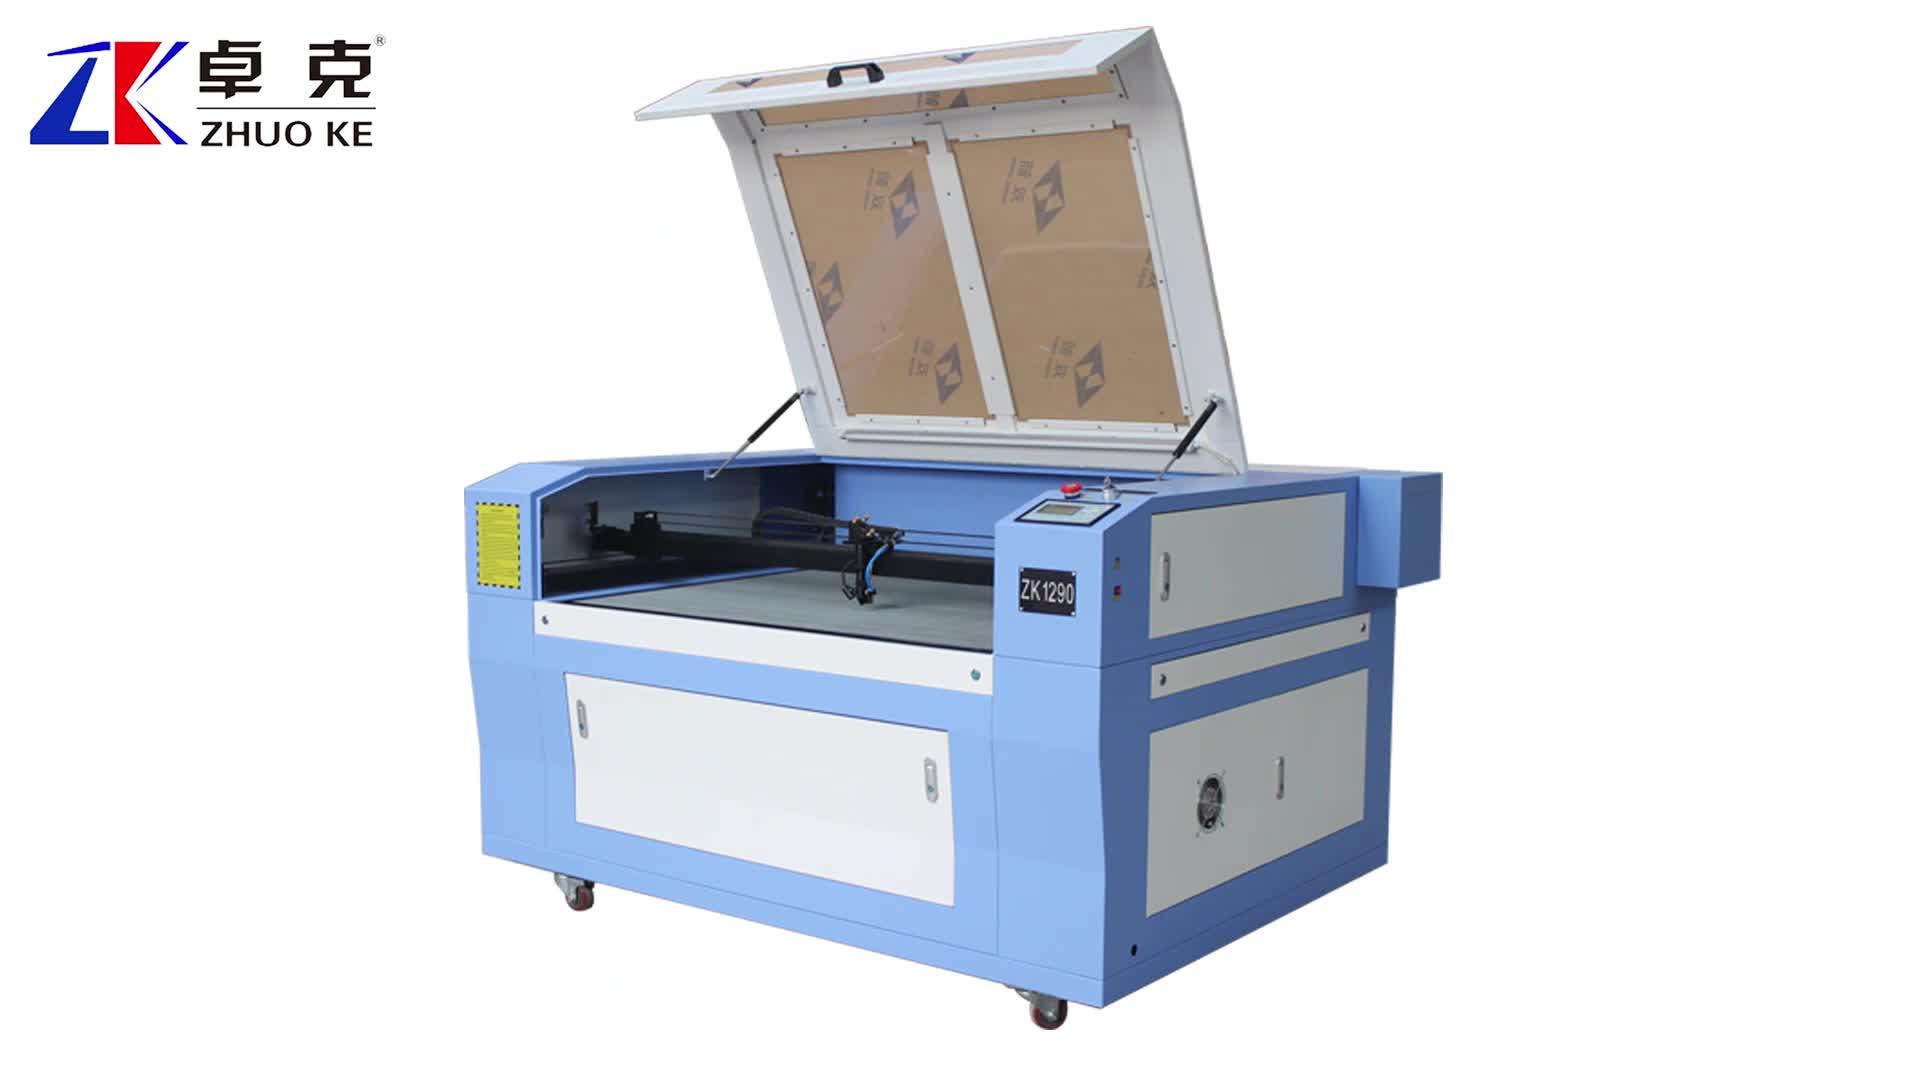 Goedkope Prijs Hoge Kwaliteit 80 w/100 w CO2 Laser Snijmachine 1200*900mm ZK-1290